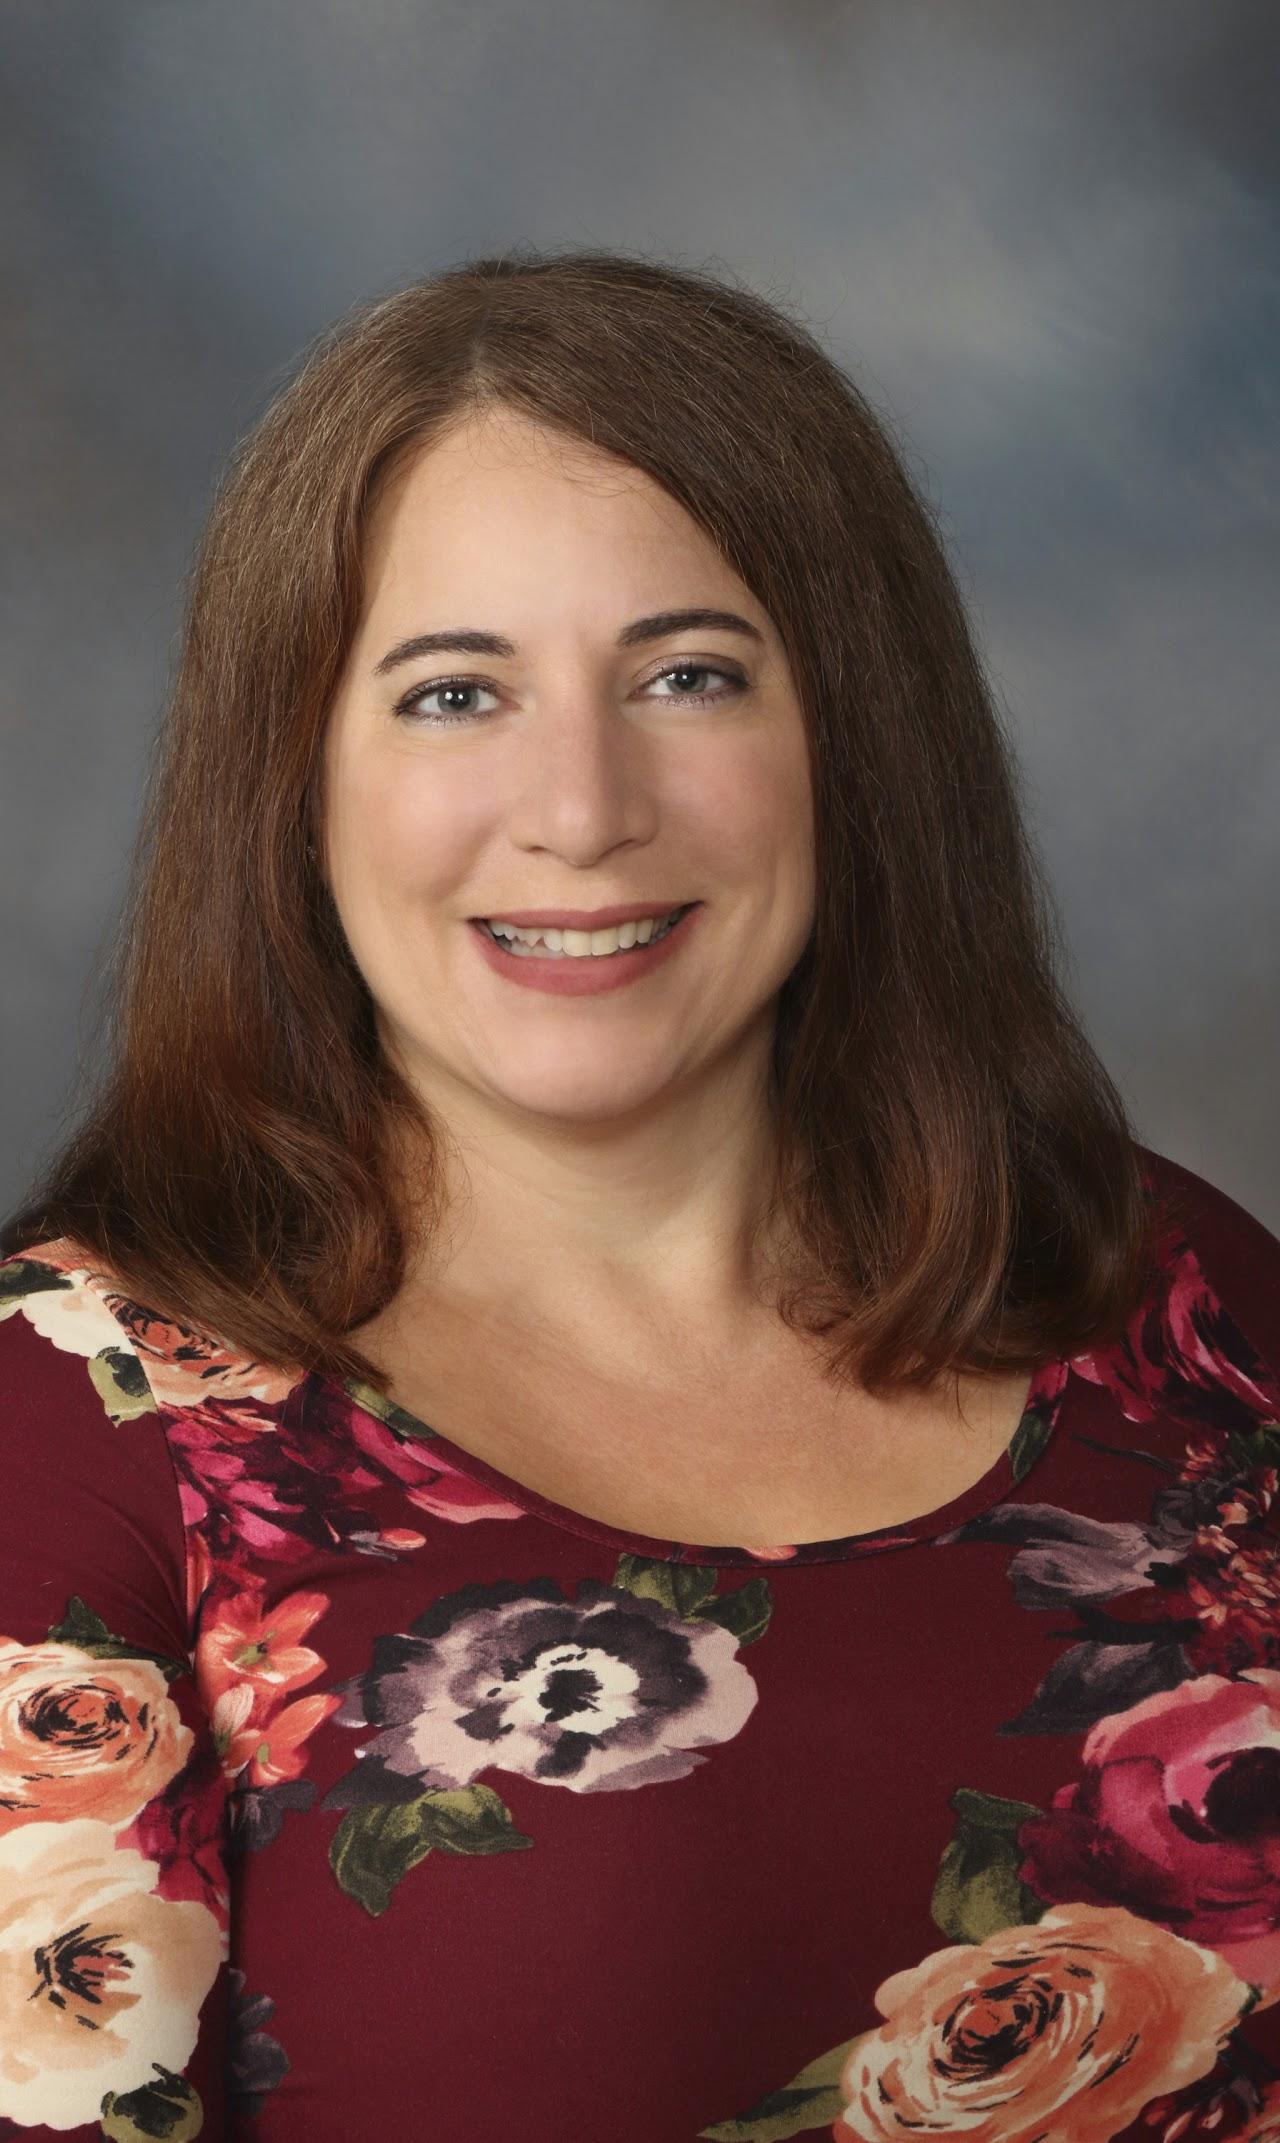 Sarah Weins